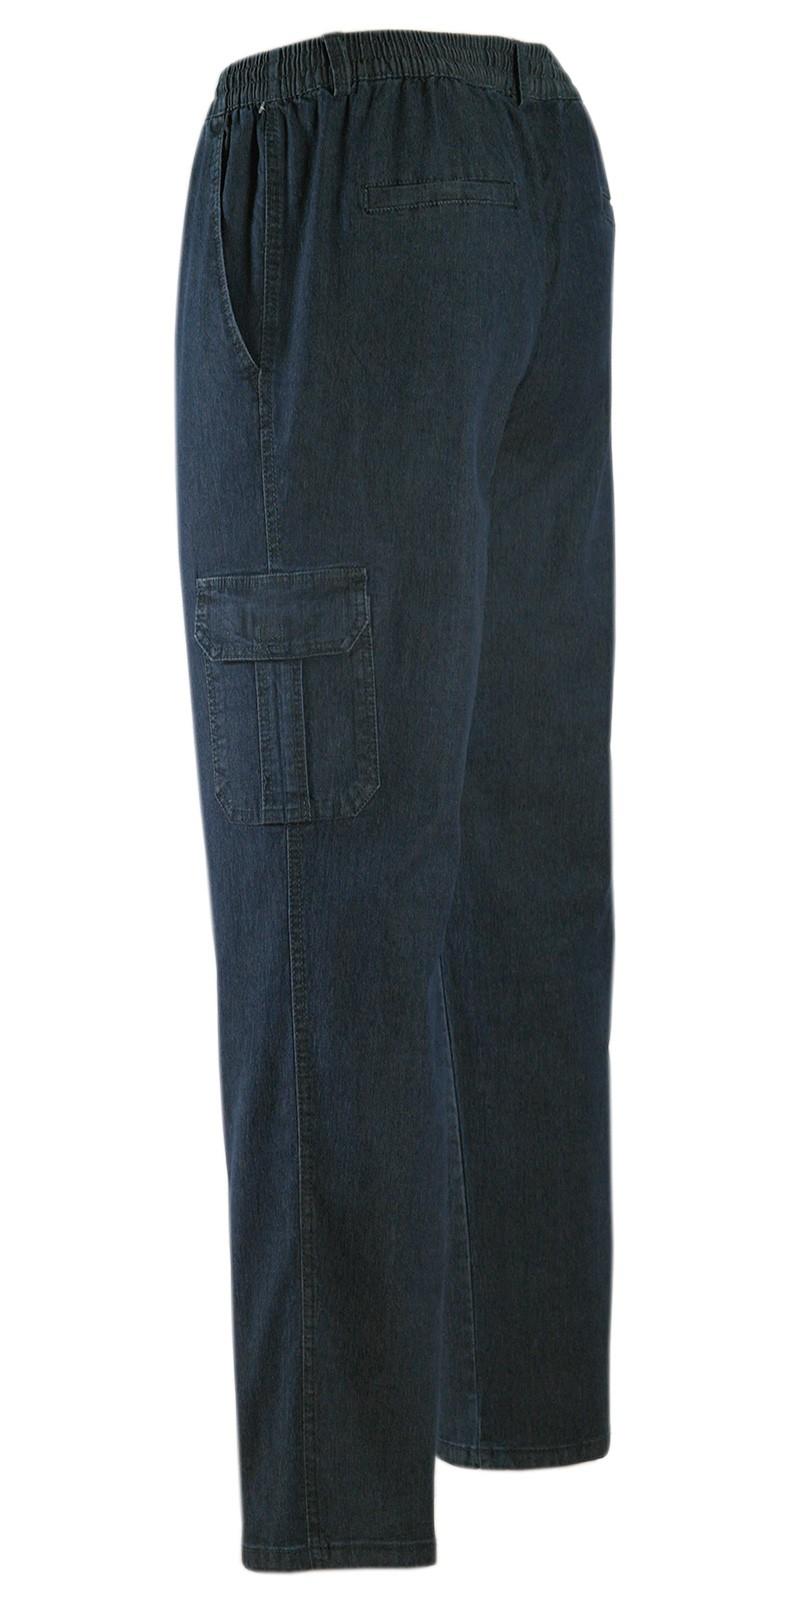 Herren Jeans Stretch Schlupfhose Schlupfjeans Gummizughosen Sommer Kollektion dunkelblau